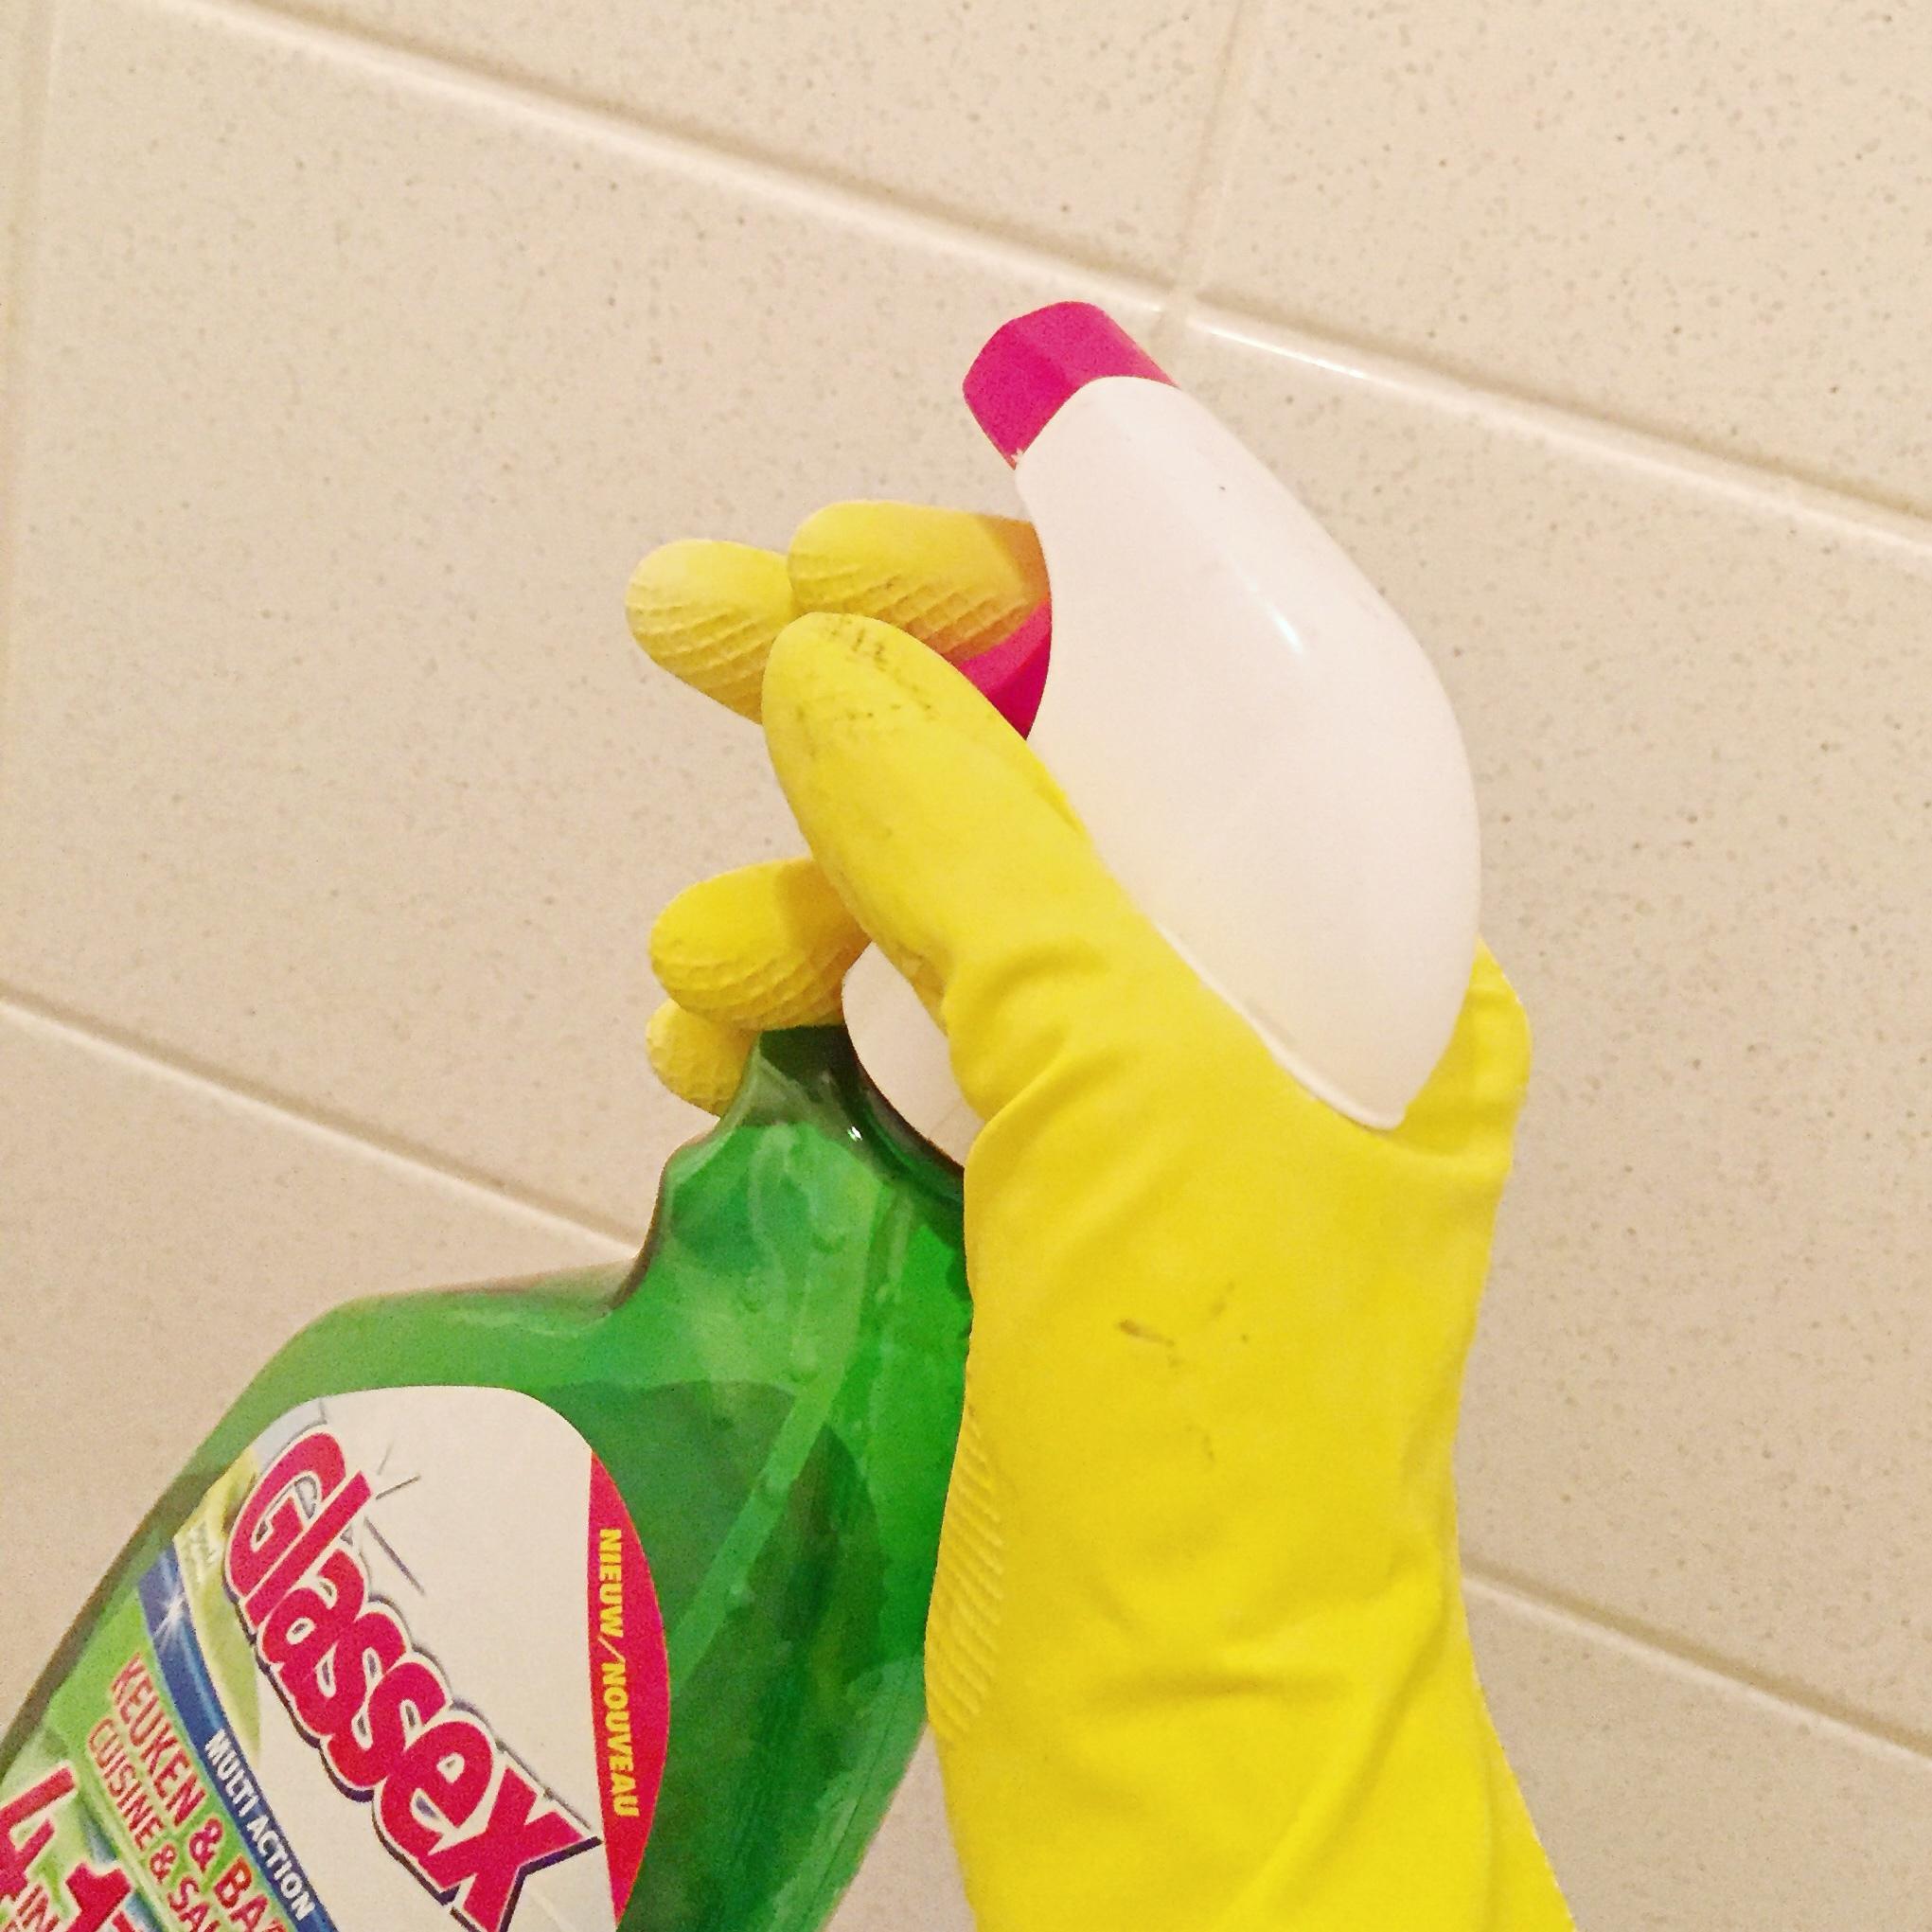 Grote schoonmaak - Sanzine - voetbalmoeder in high heels